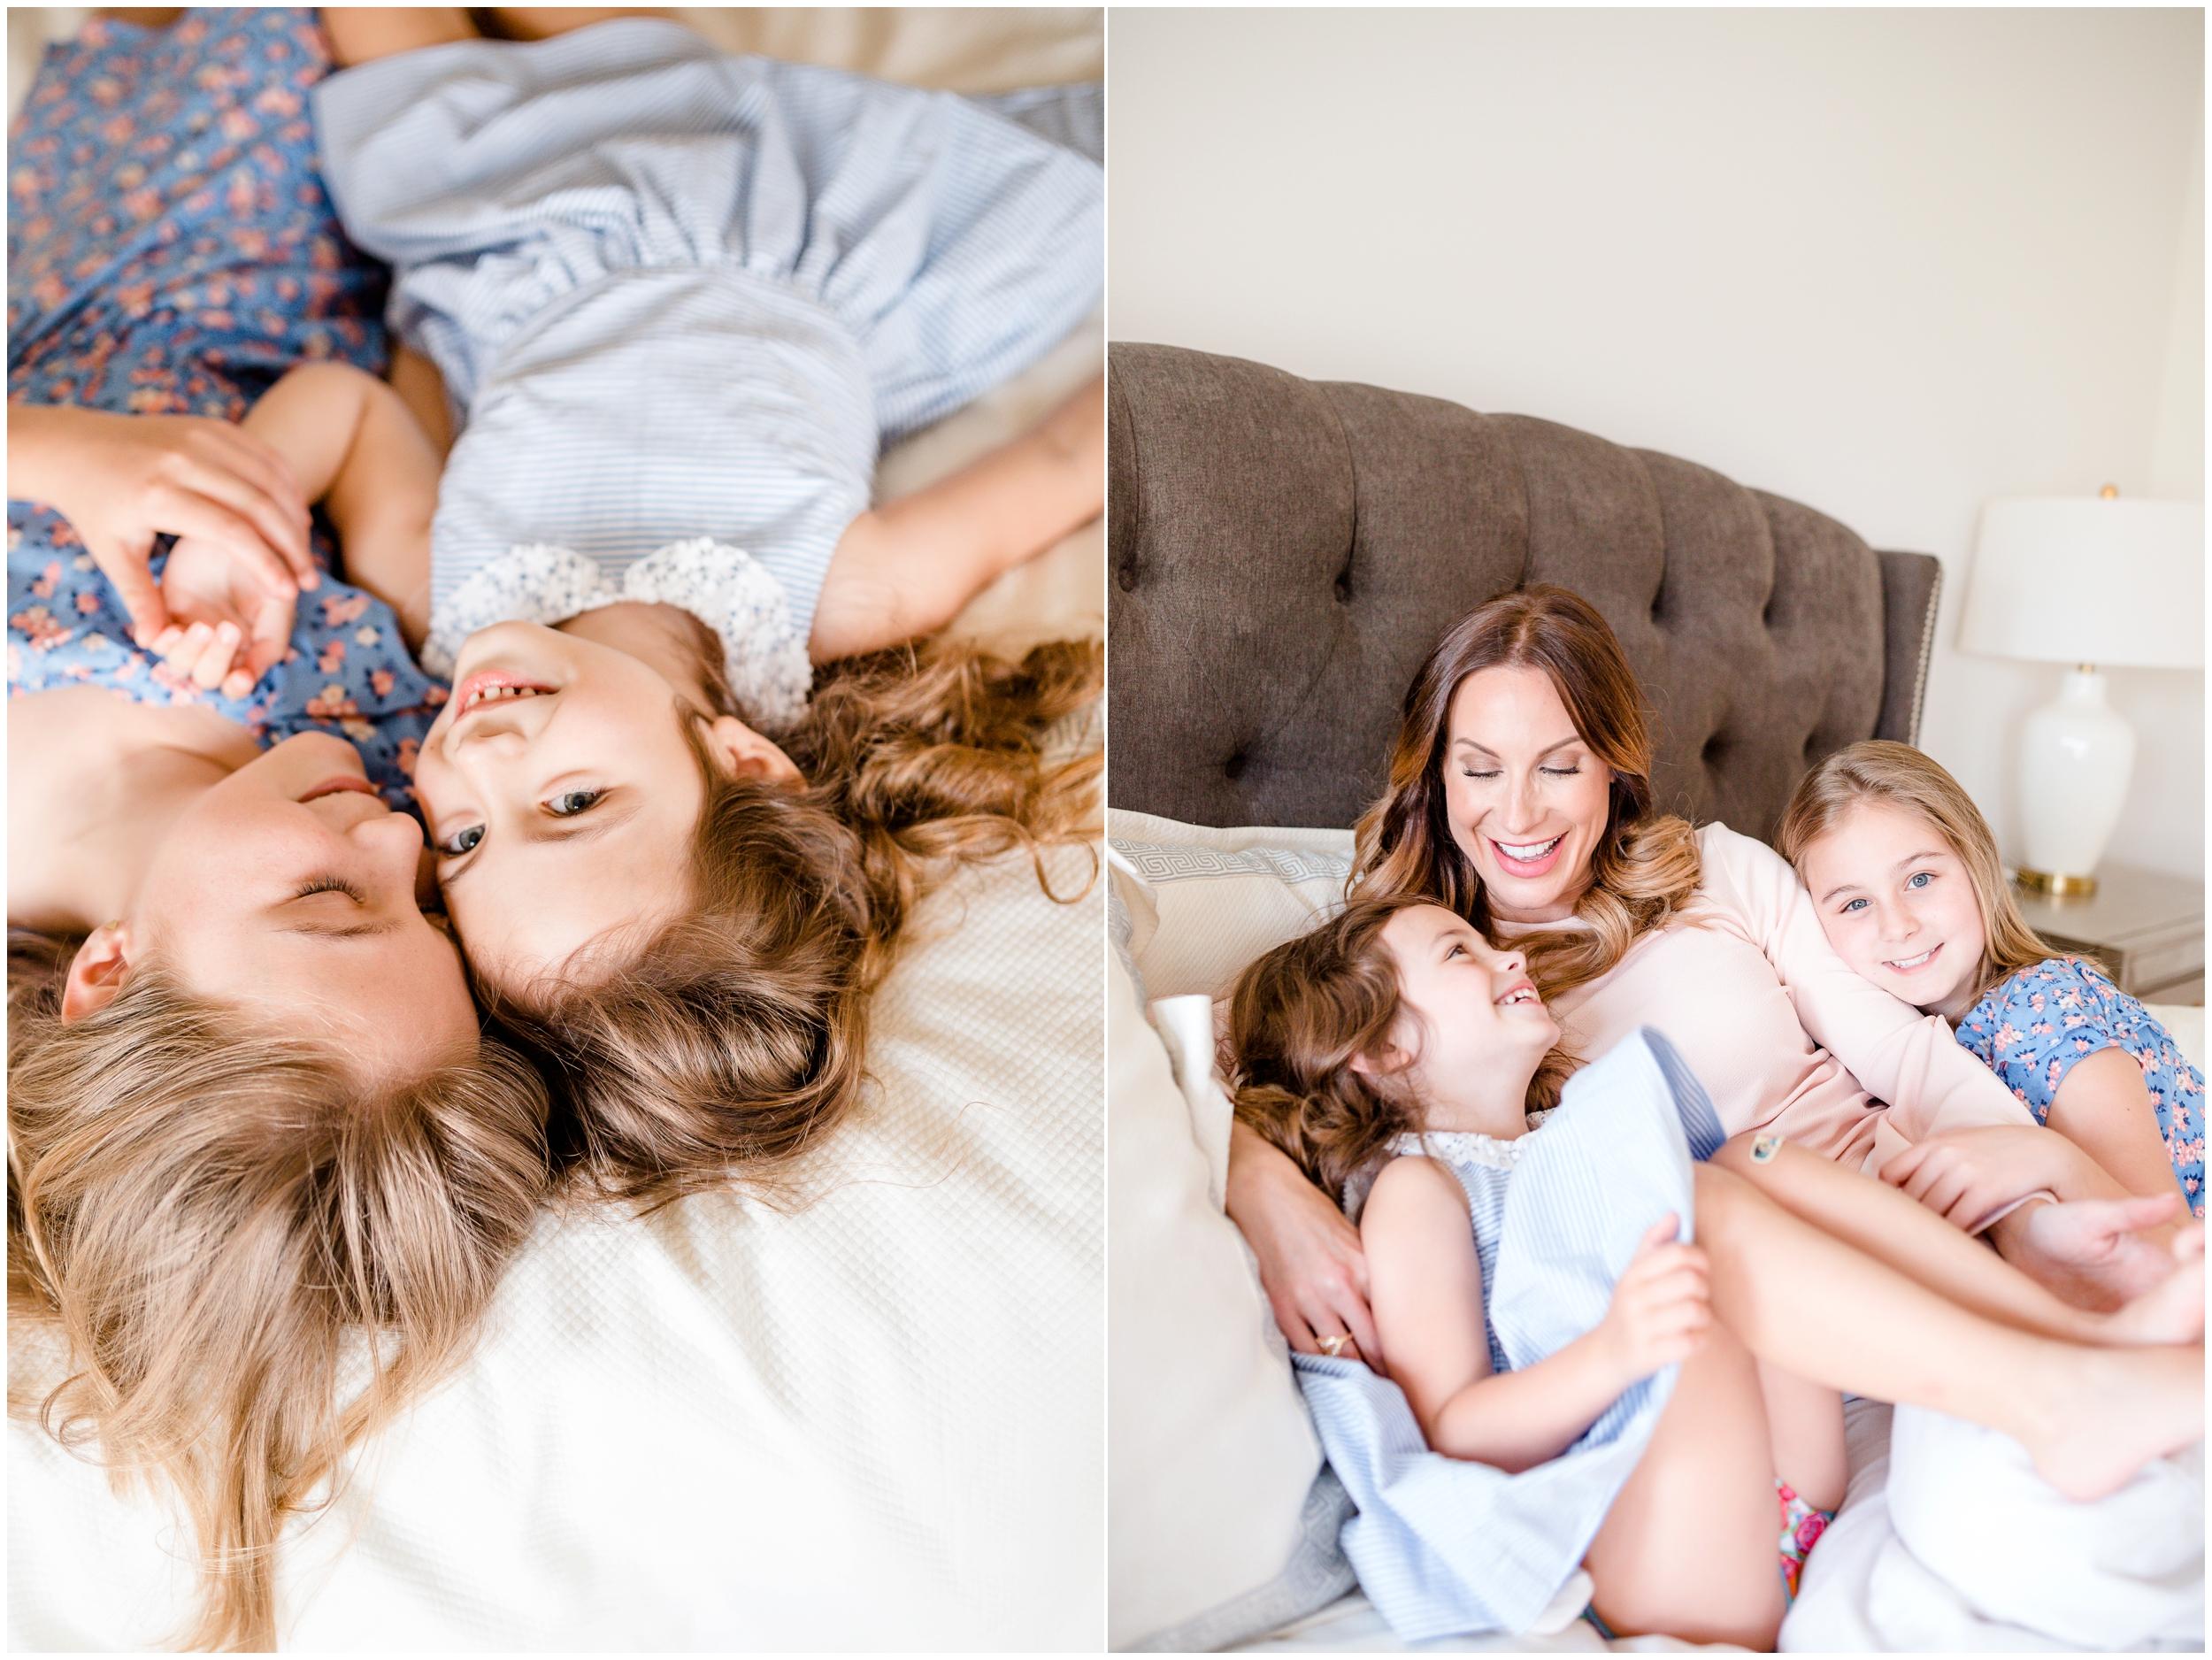 lexington-ky-family-lifestyle-photography-Priscilla-Baierlein-Photography_0261.jpg